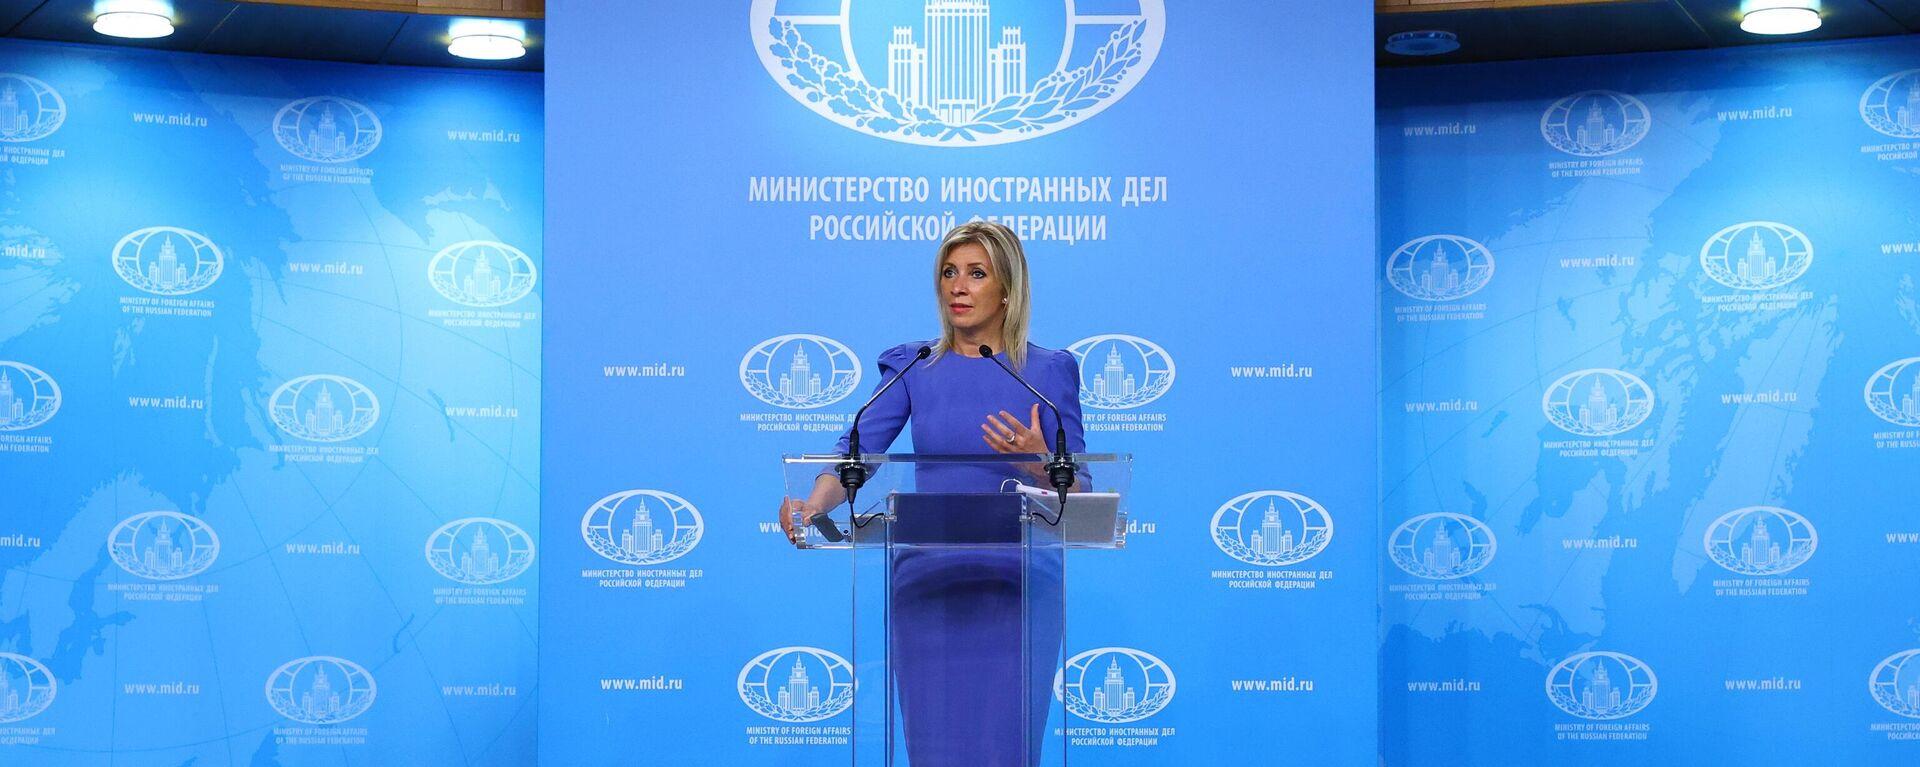 Marija Zaharova - portparolka Ministarstva spoljnih poslova Rusije - Sputnik Srbija, 1920, 23.07.2021